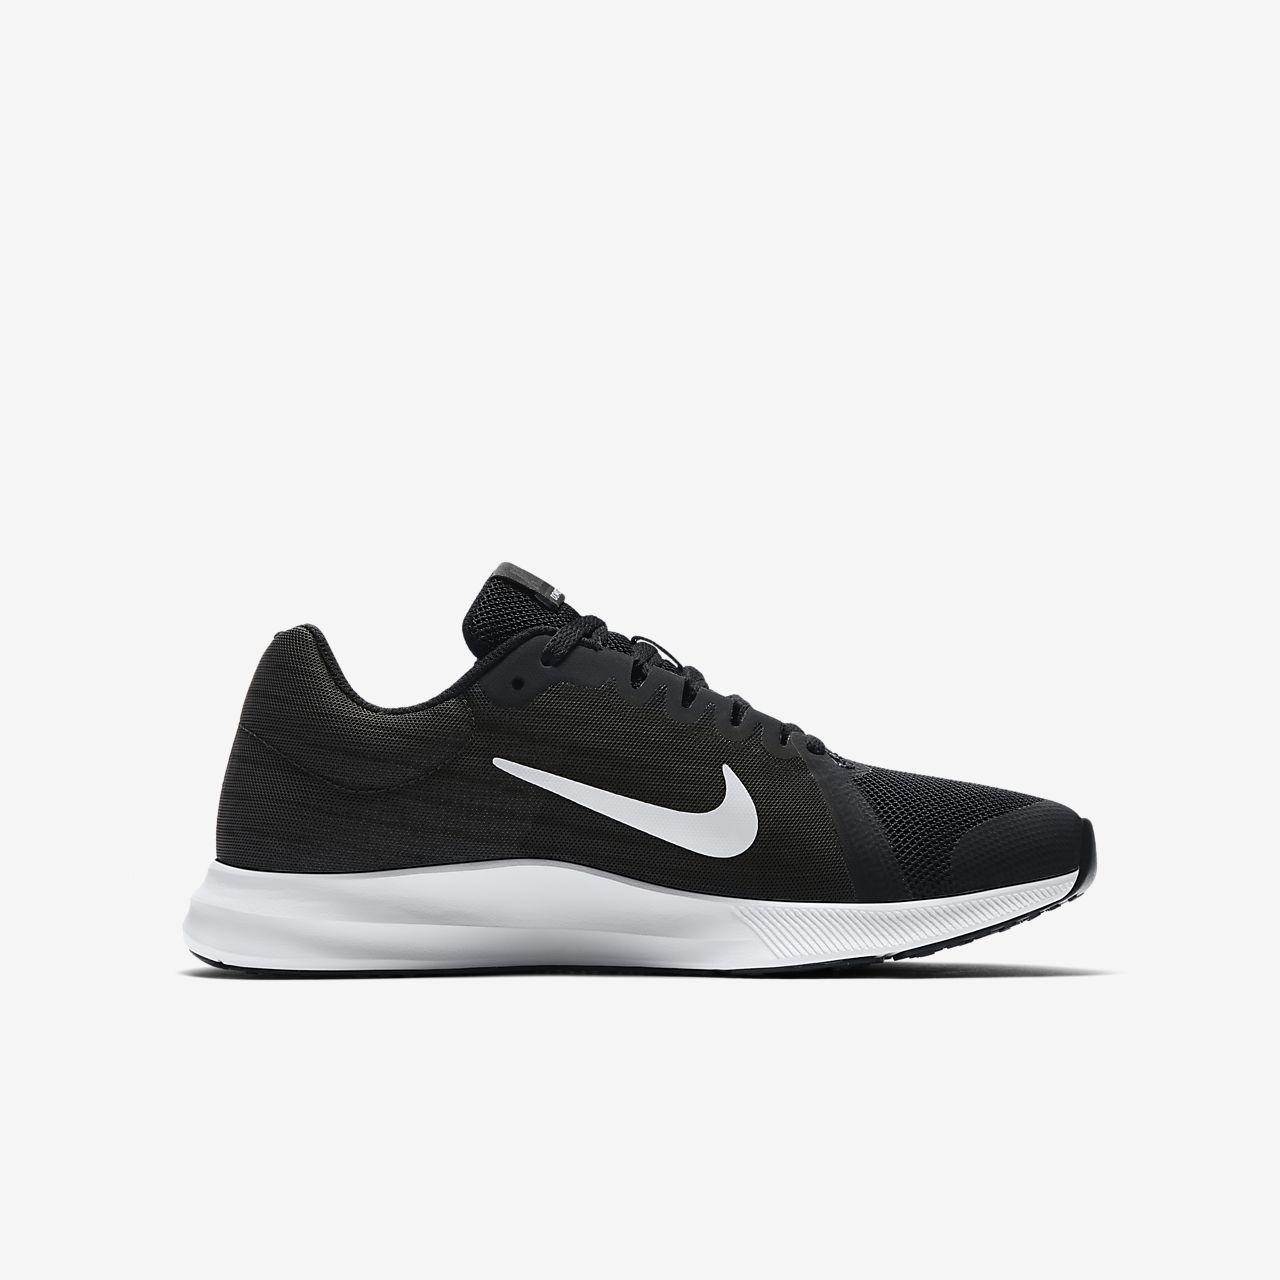 Nike - Zapatillas running Downshifter 8 antracita R9EtArn4fJ